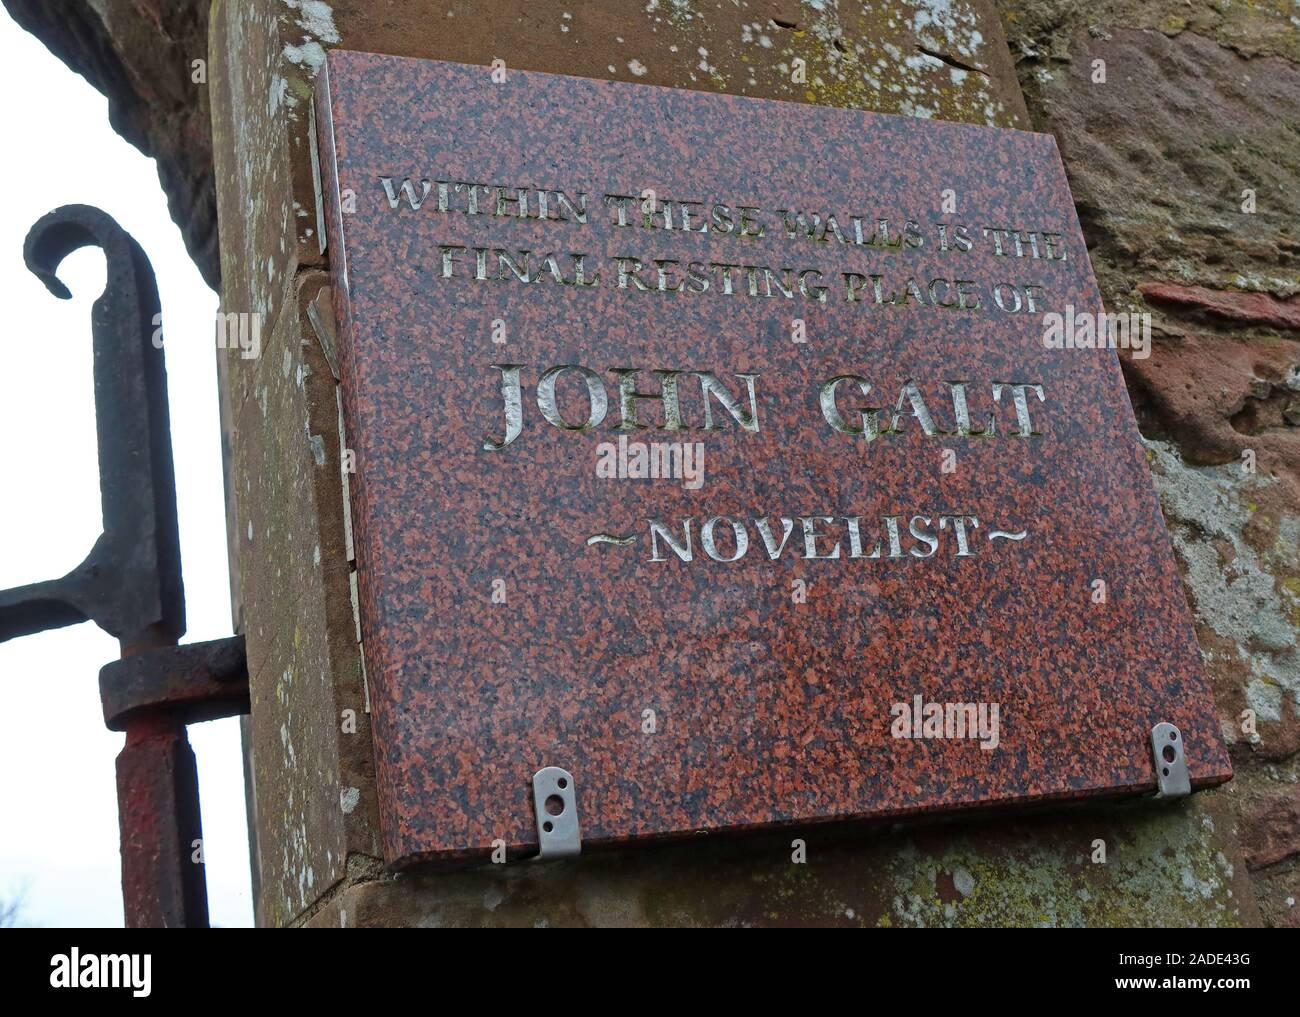 Dieses Stockfoto: John galt, Romancier, Greenock, Inverkip Street Cemetery, Greenock, Inverclyde, schottland, Großbritannien, Grab, letzte Ruhestätte Plakette - 2ADE43